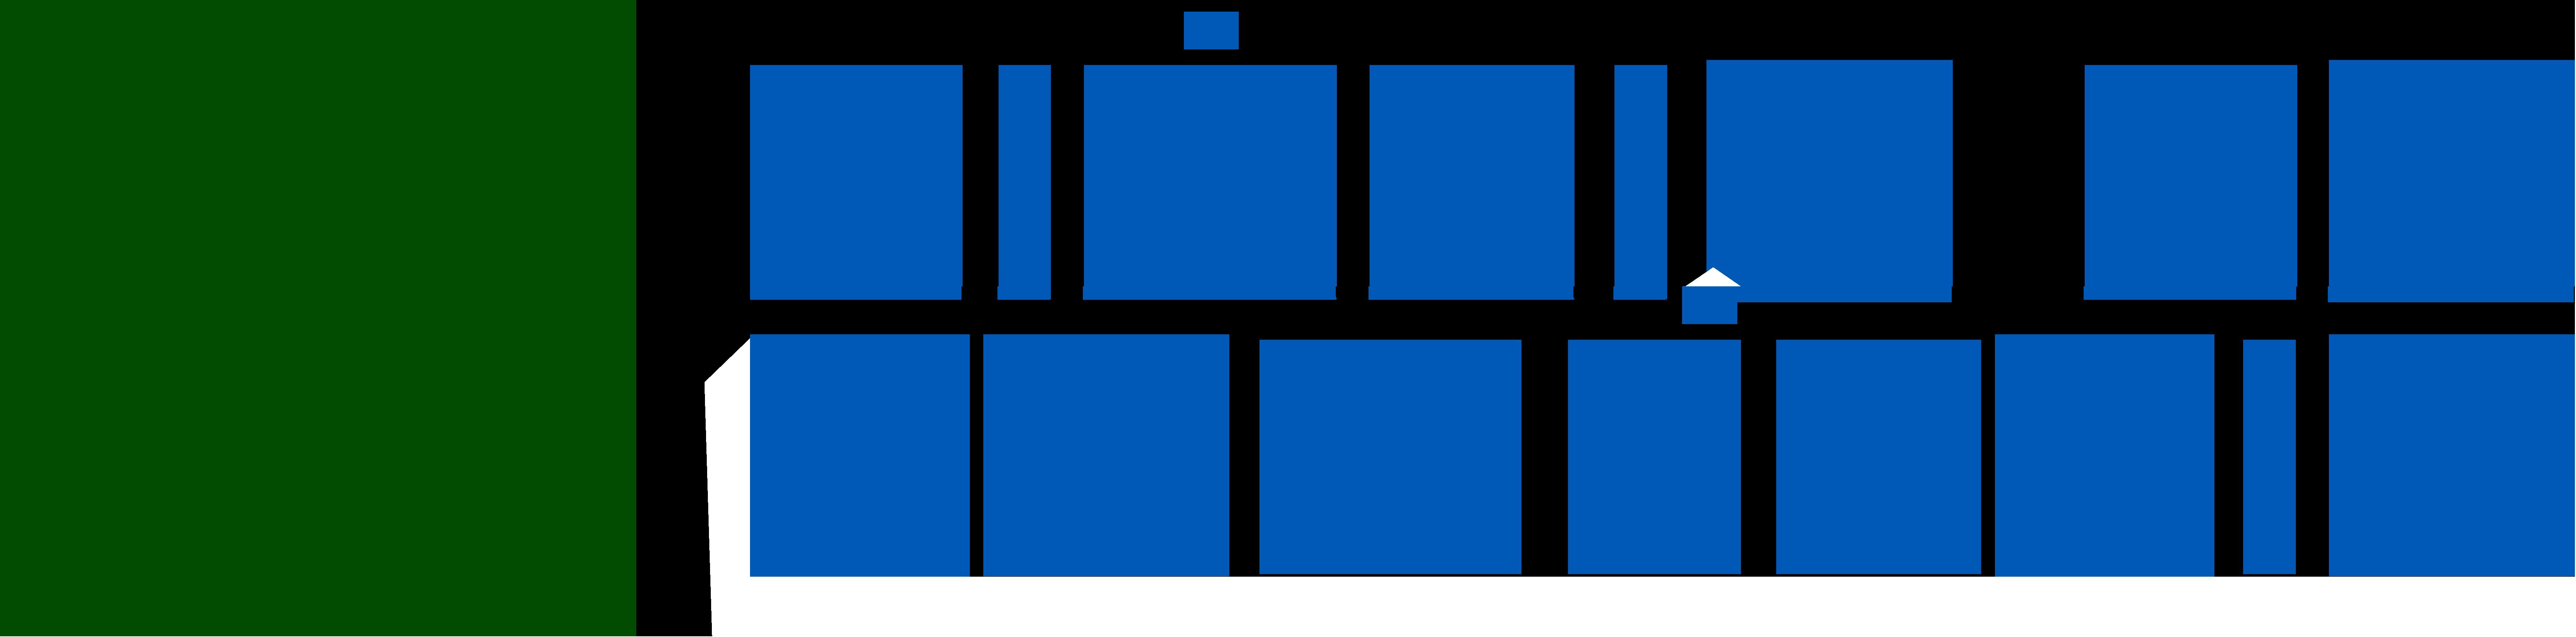 logotipo-verde